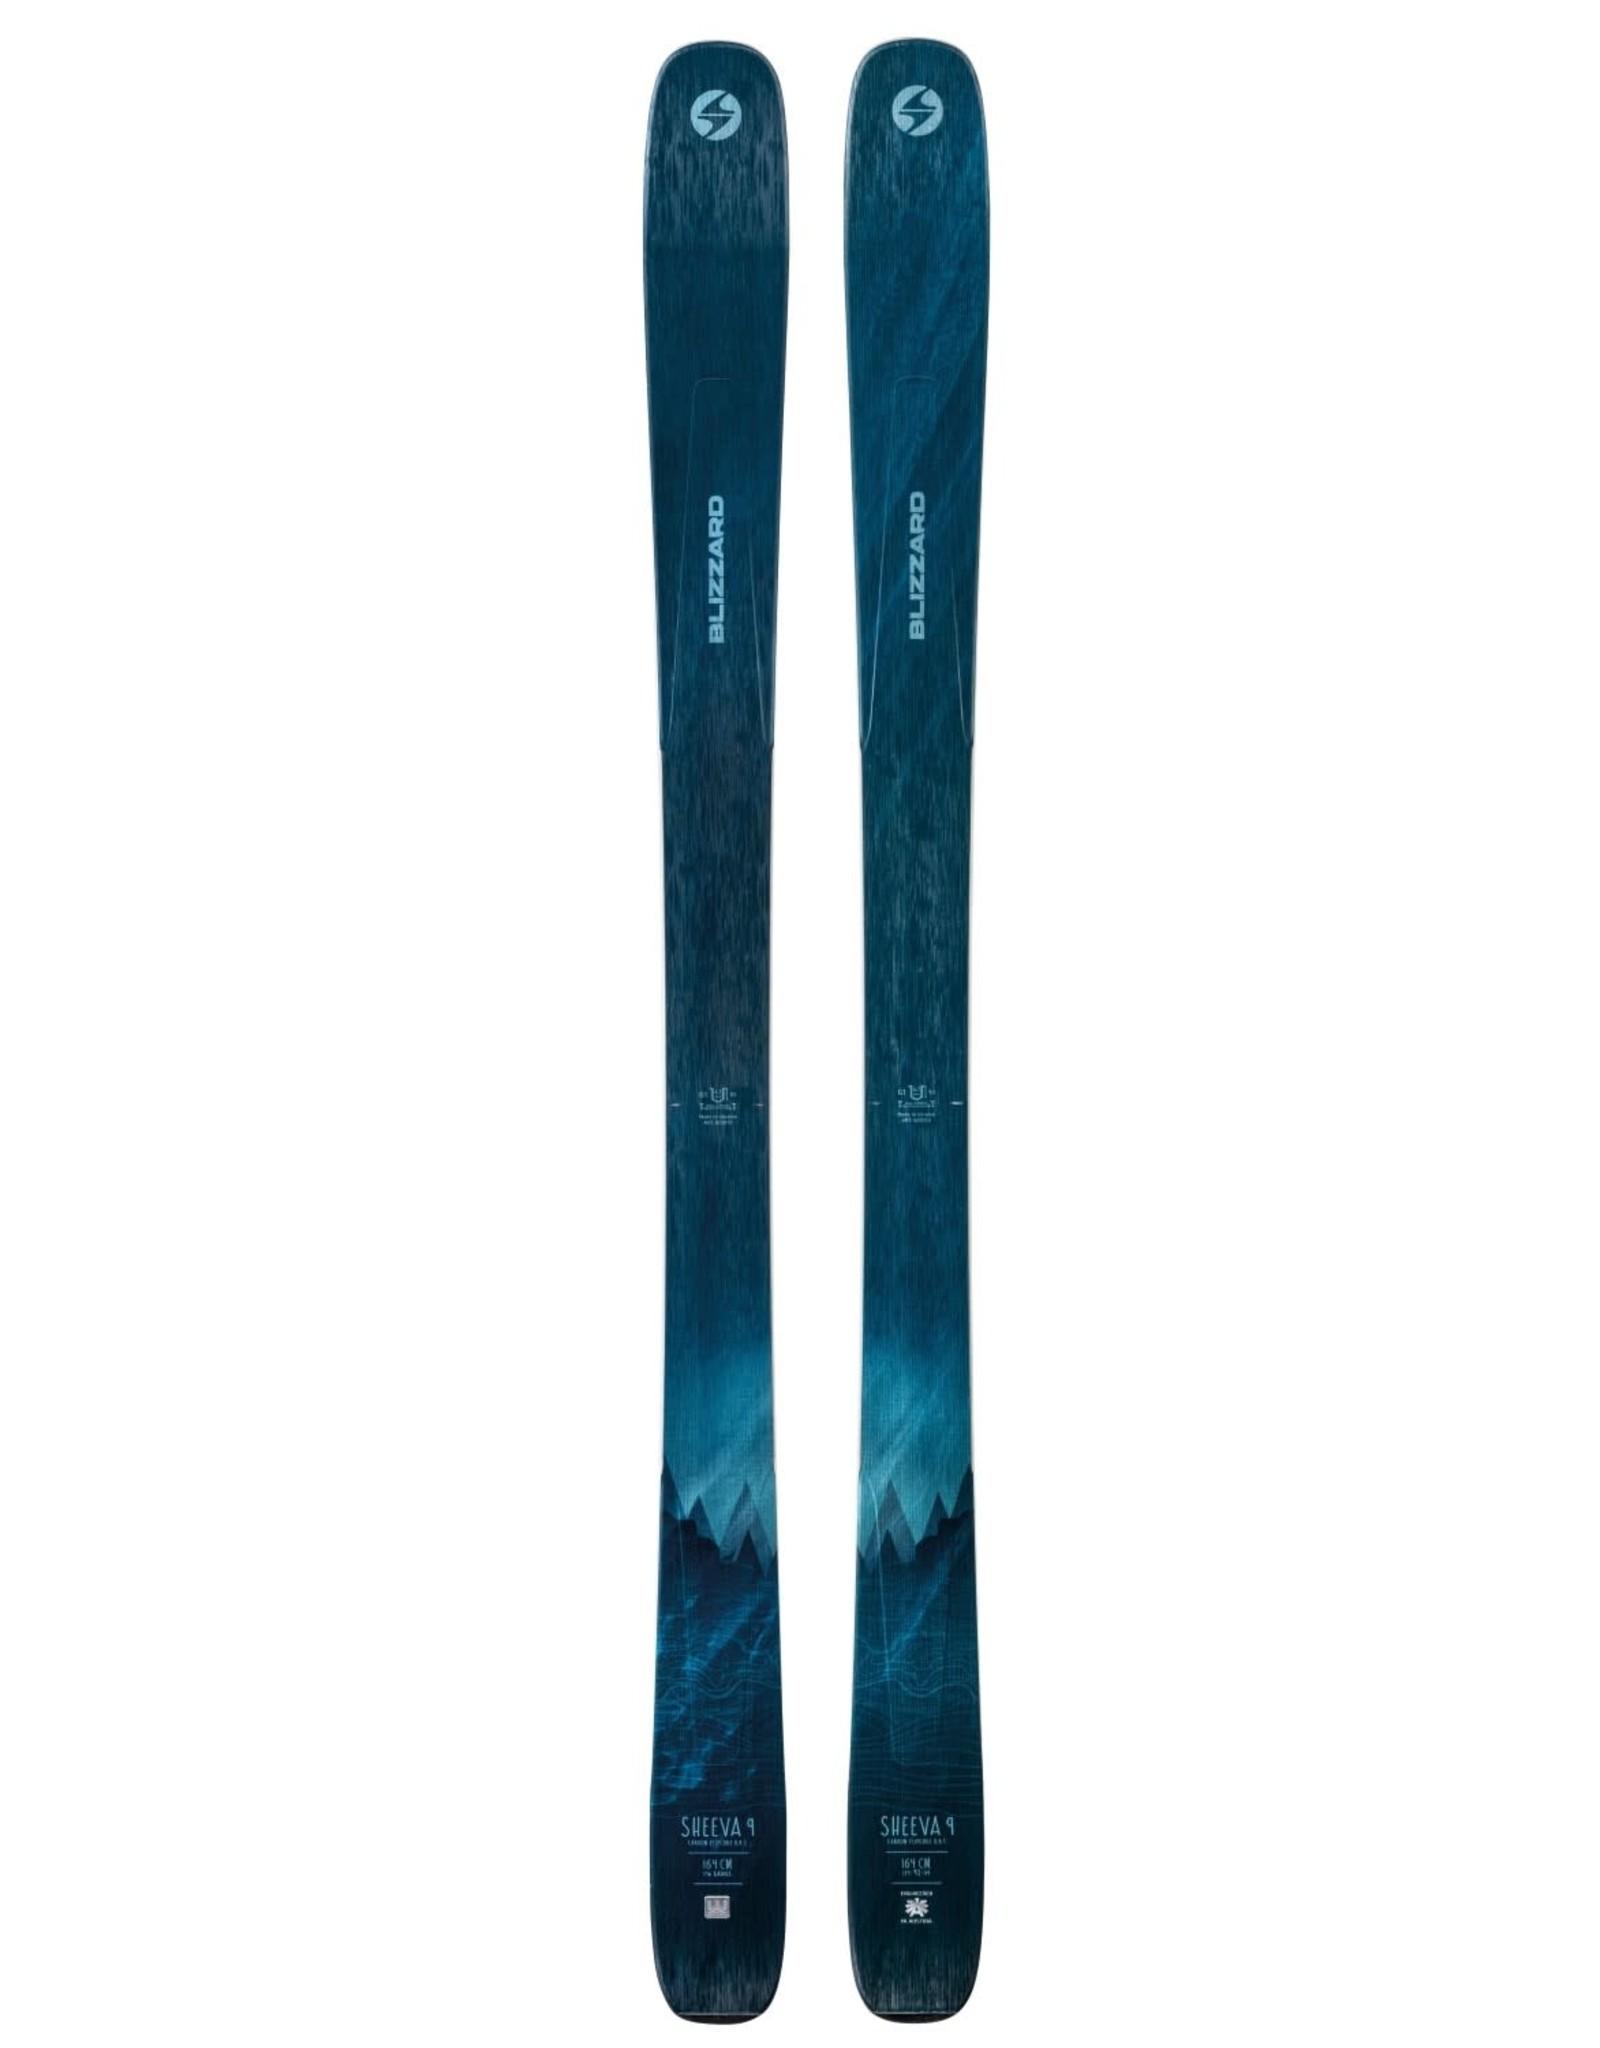 Blizzard Ski Blizzard Sheeva 9 - Femme